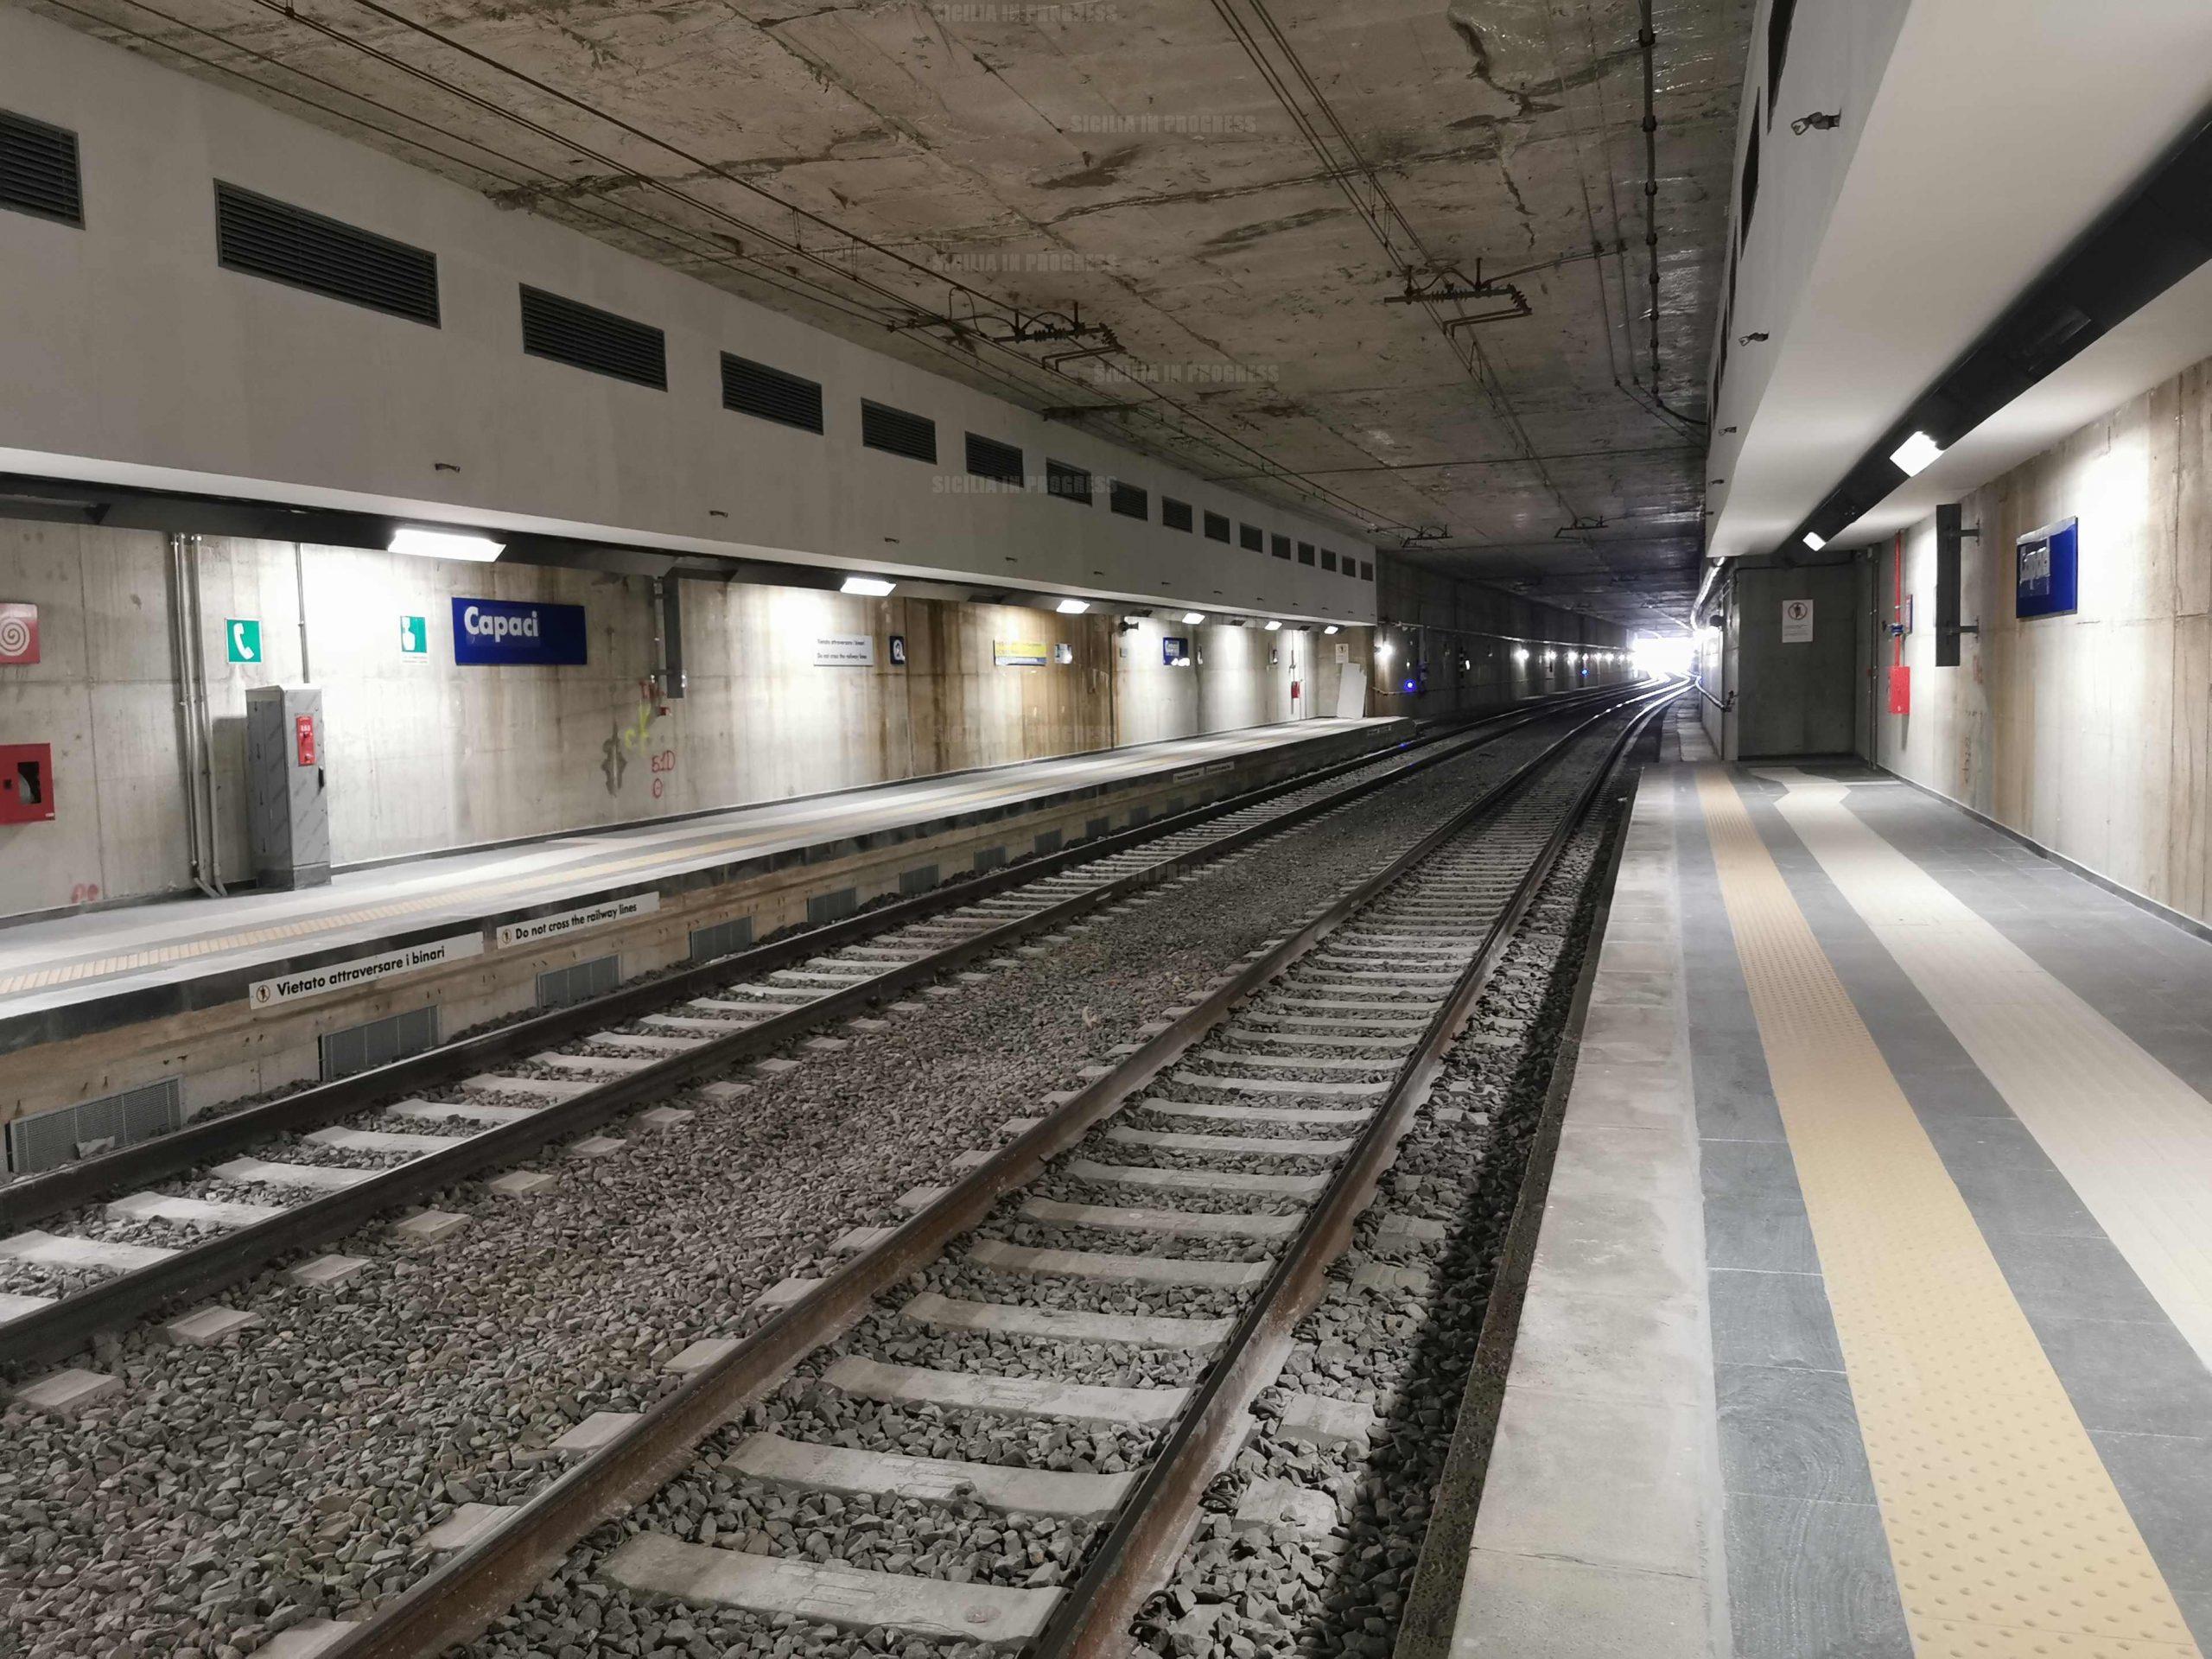 stazione Capaci